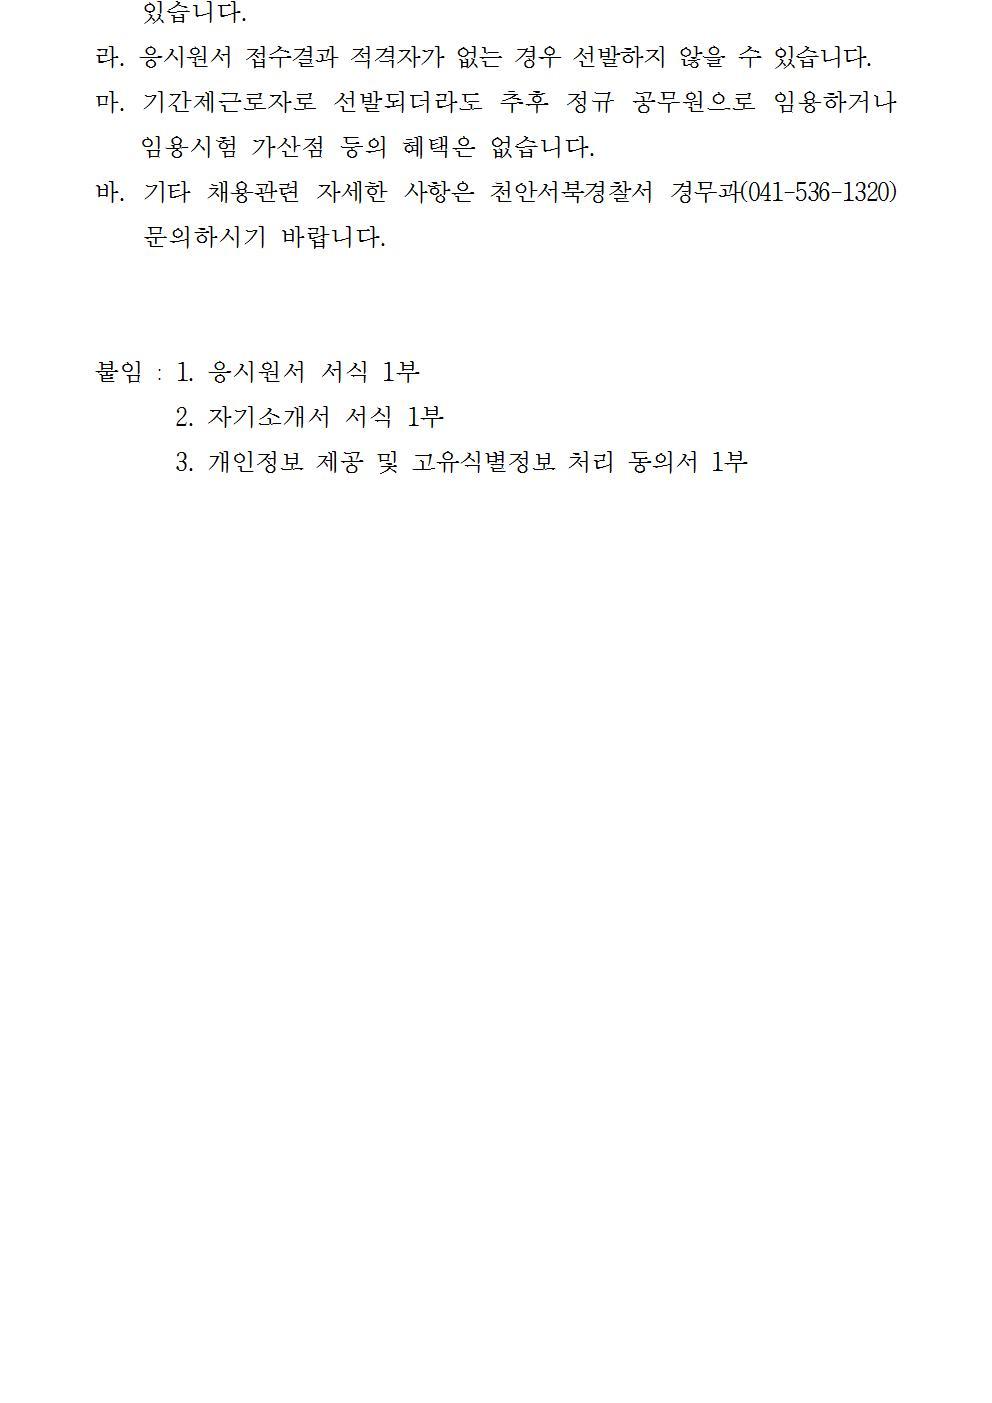 천안서북경찰서_기간제_근로자_채용_공고문003.jpg